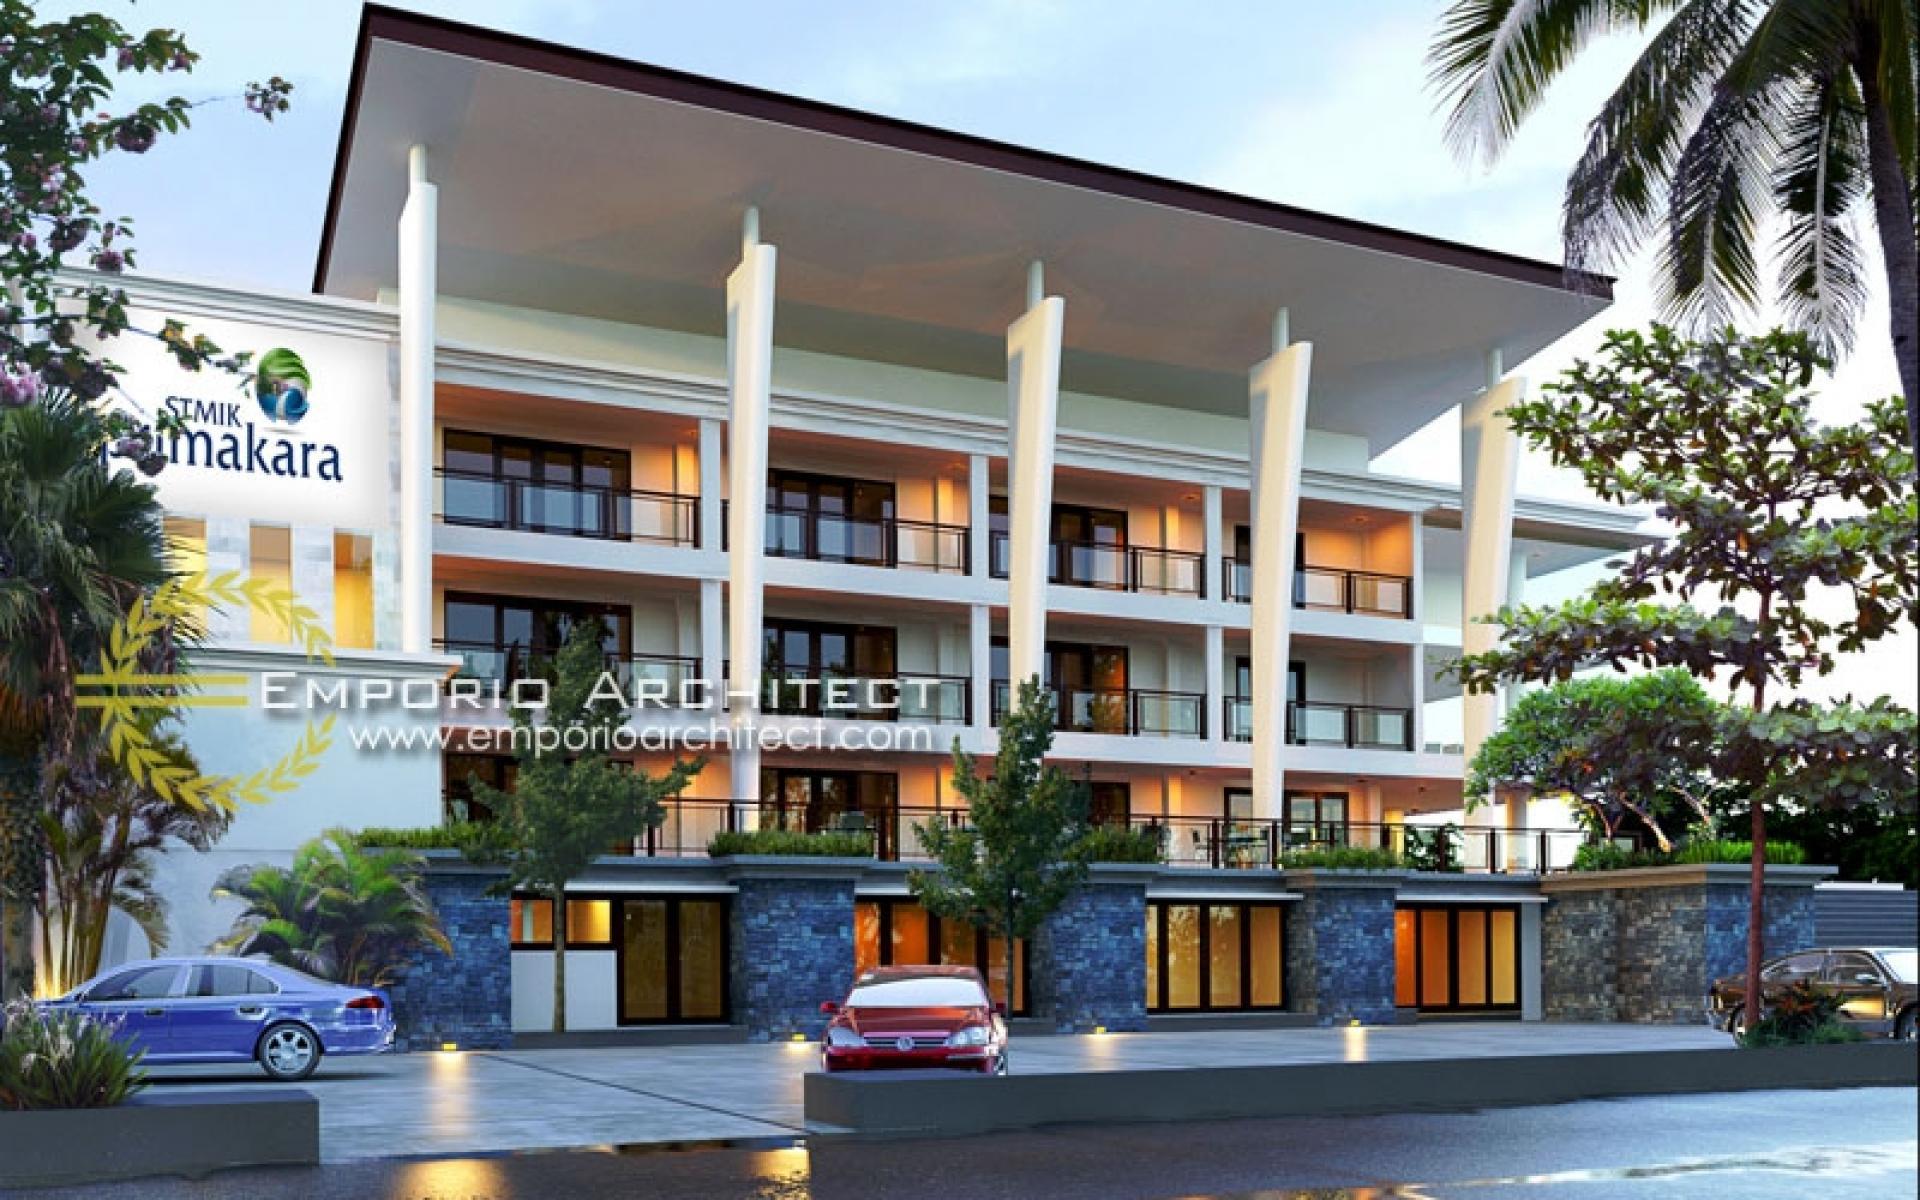 Desain Kampus Modern 4 Lantai Primakara School di  Bali